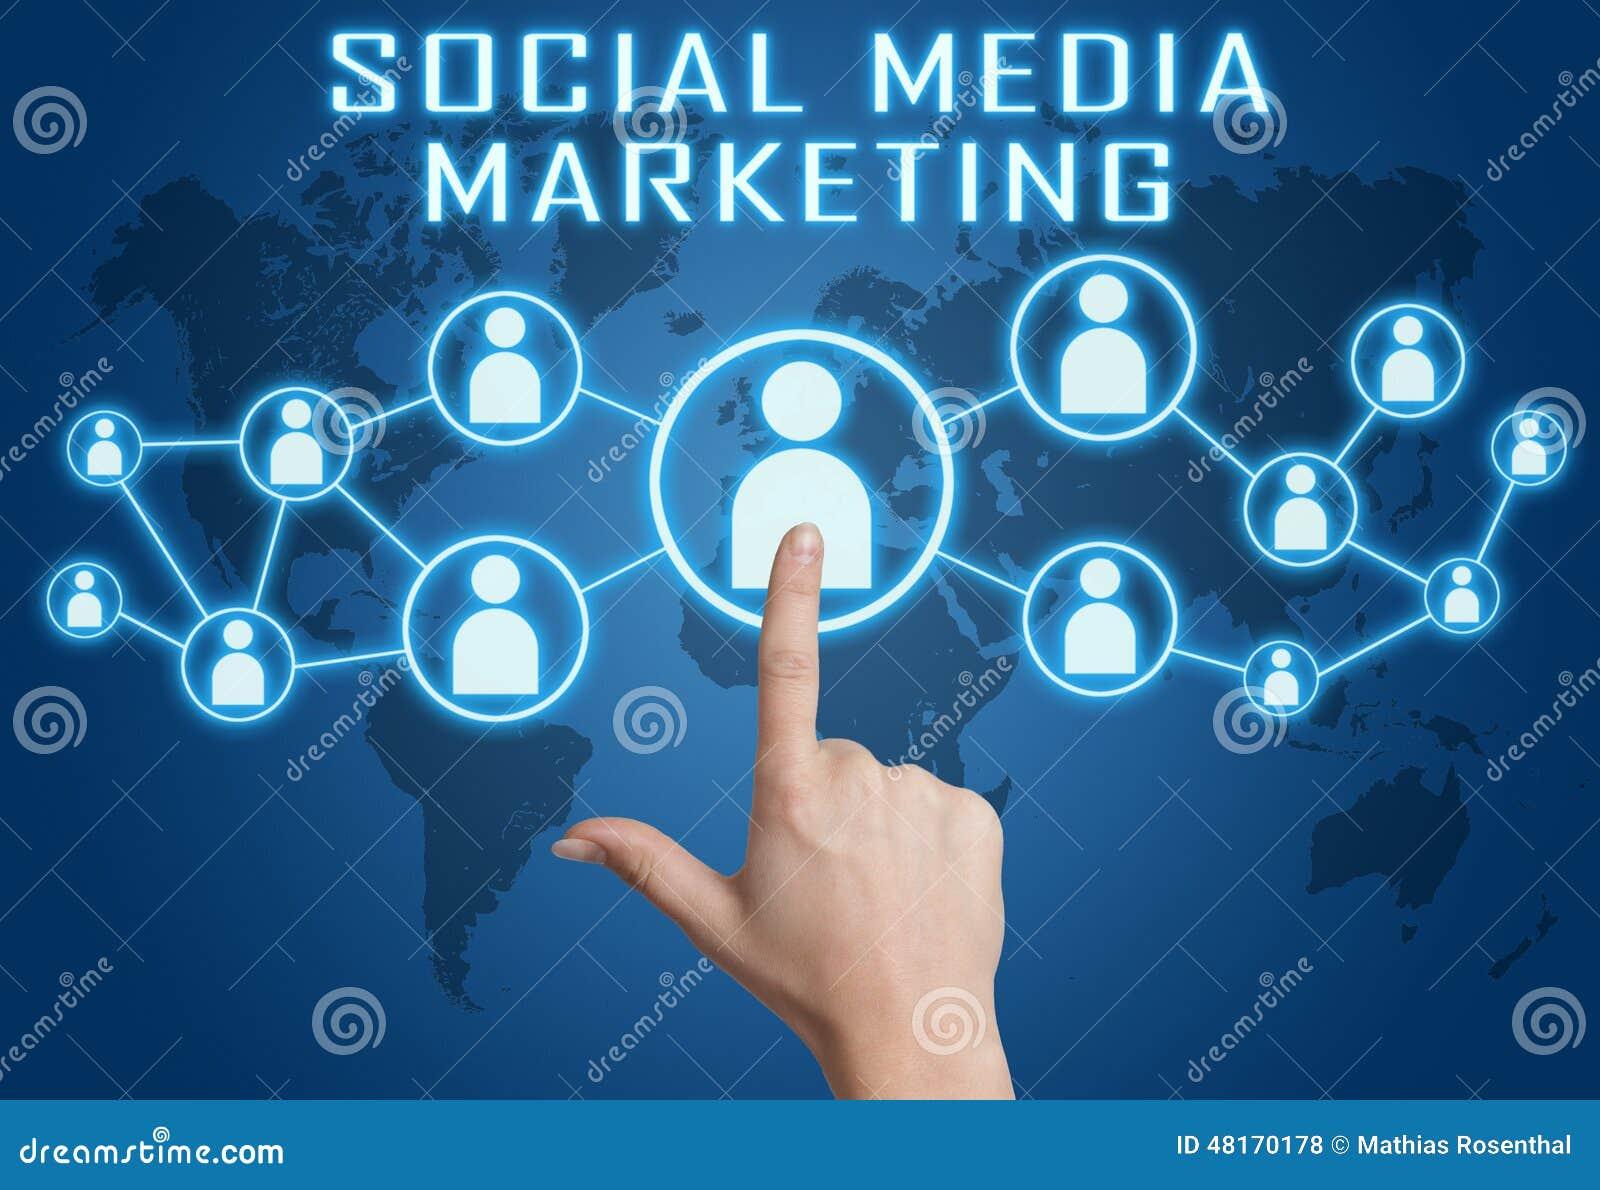 Marketingowy medialny socjalny